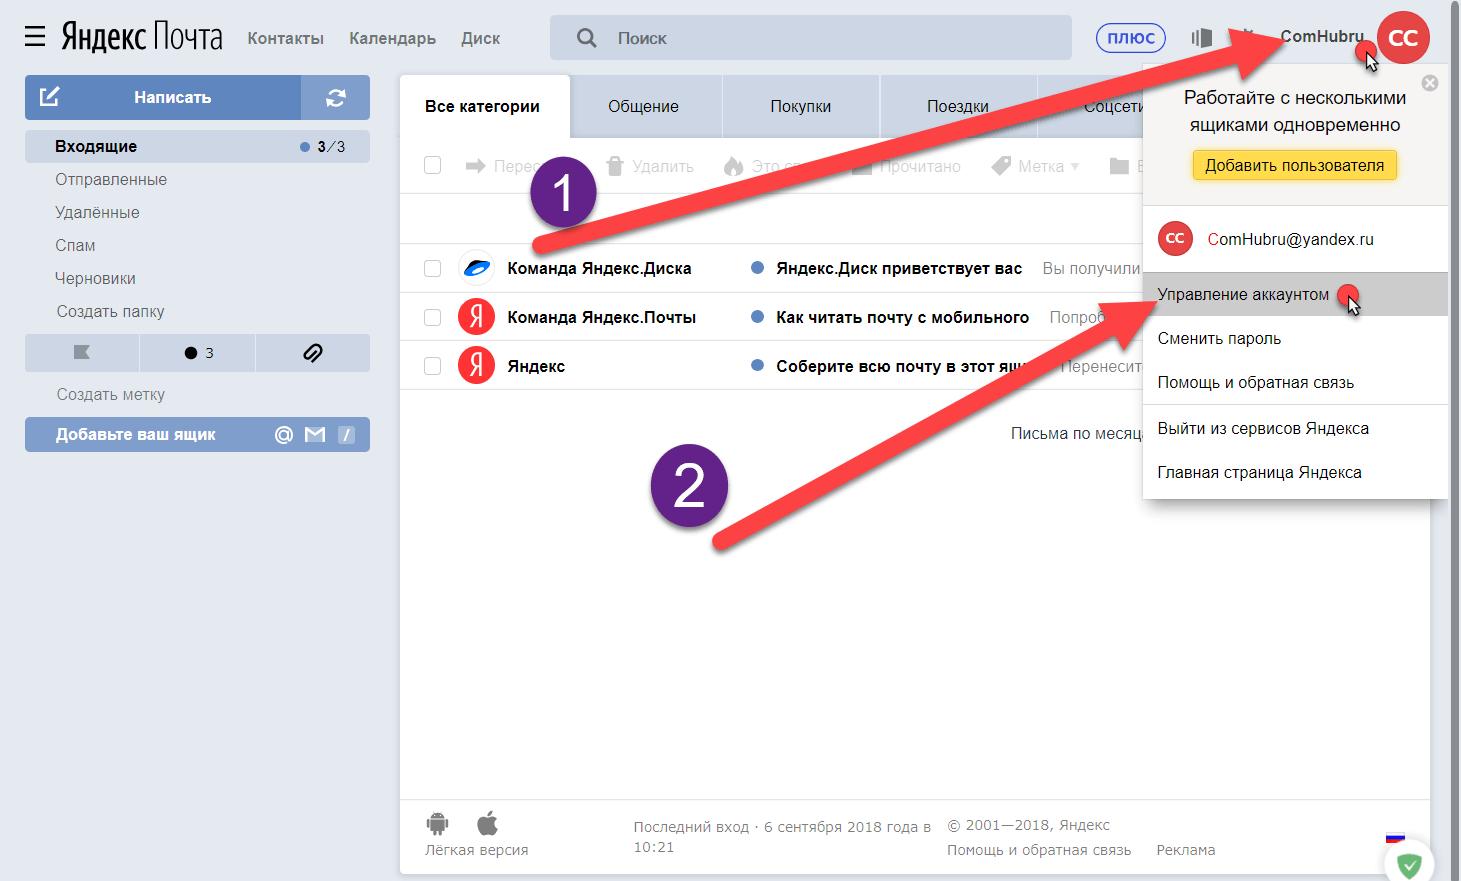 Введите e-mail, который вы использовали для регистрации